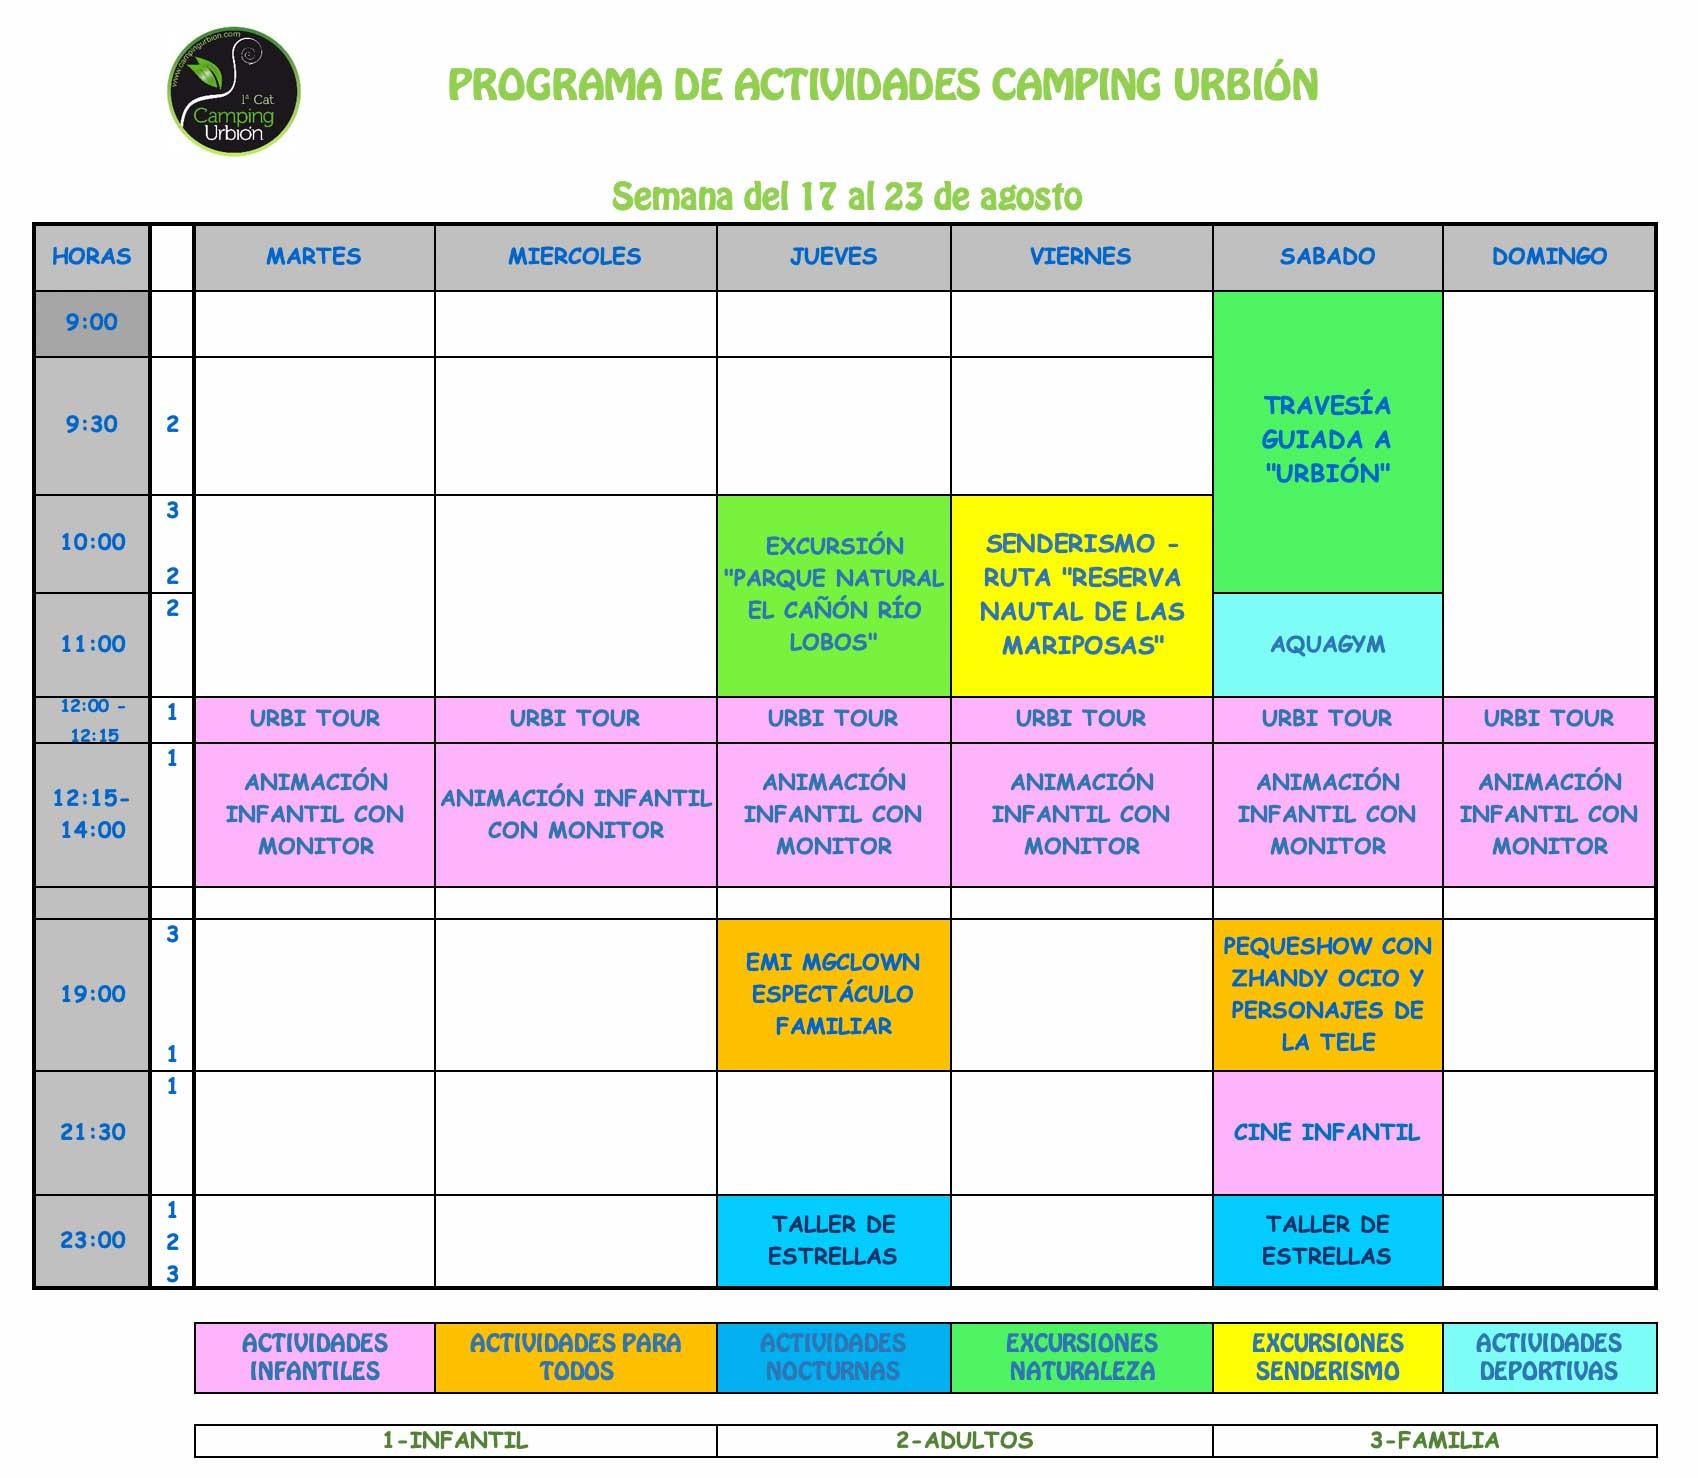 ACTIVIDADES-SEMANA-17-CAMPING-URBION-2020